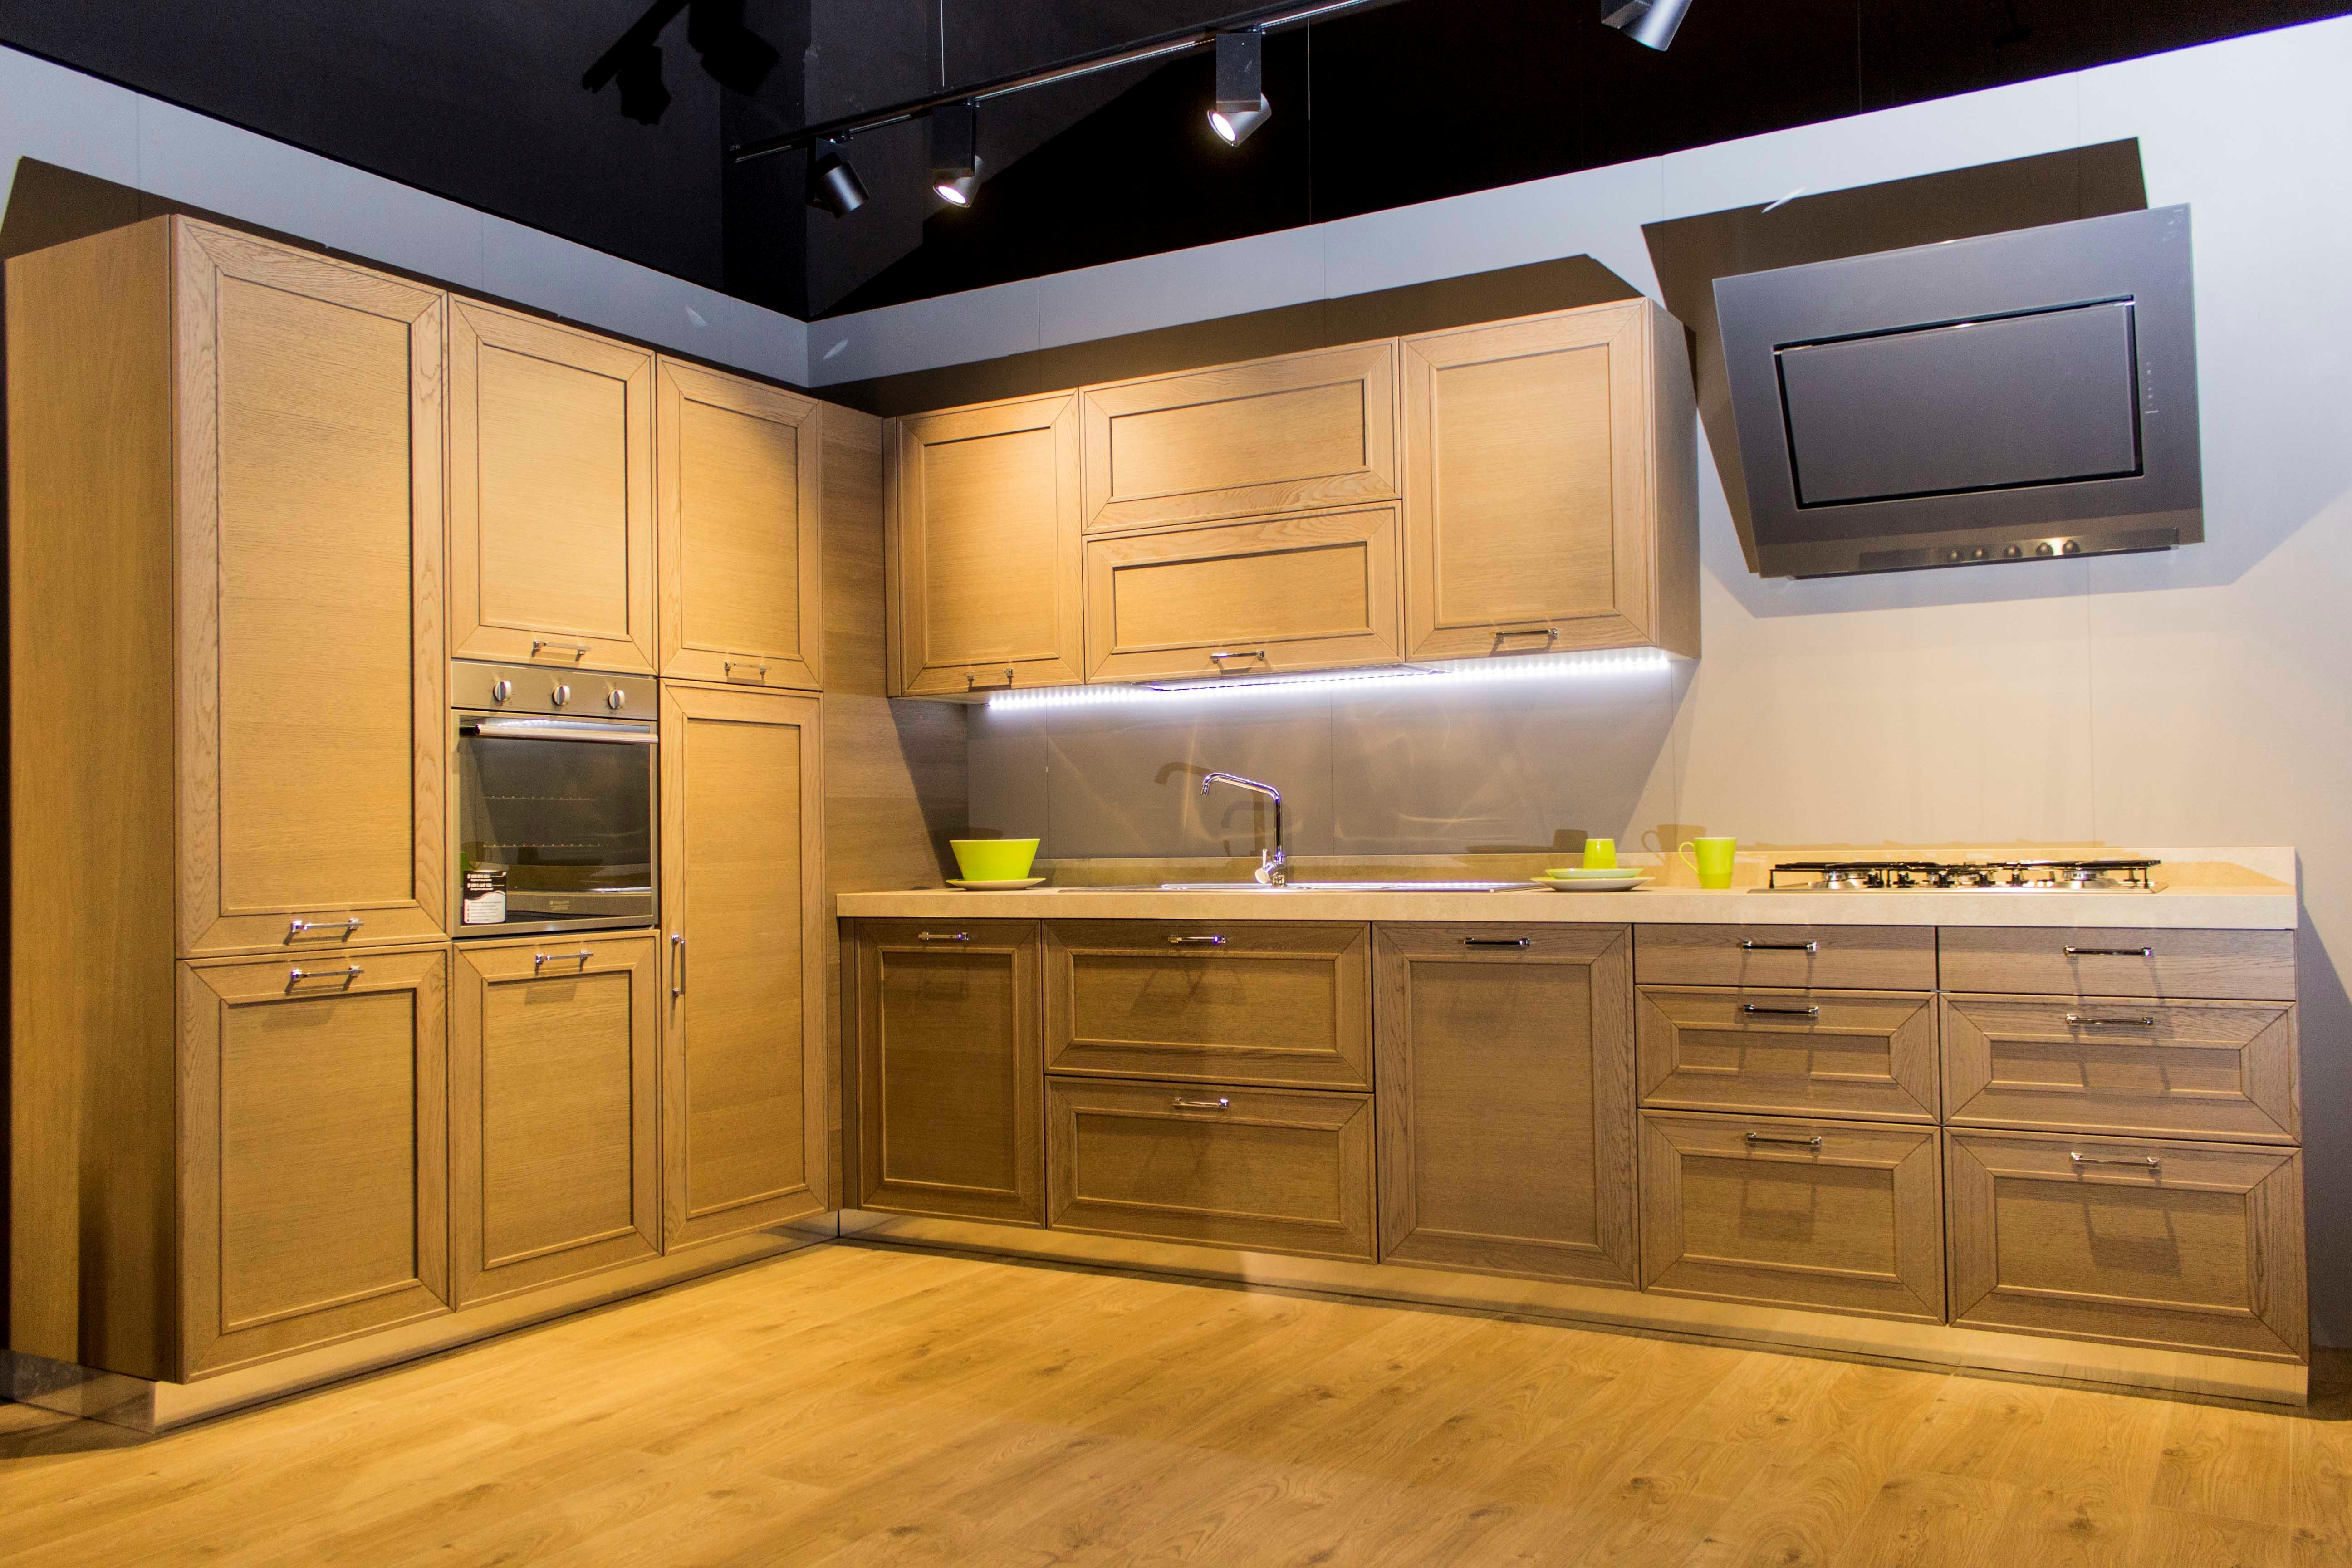 Cucina Anni 20 - Idee Per La Casa - Syafir.com